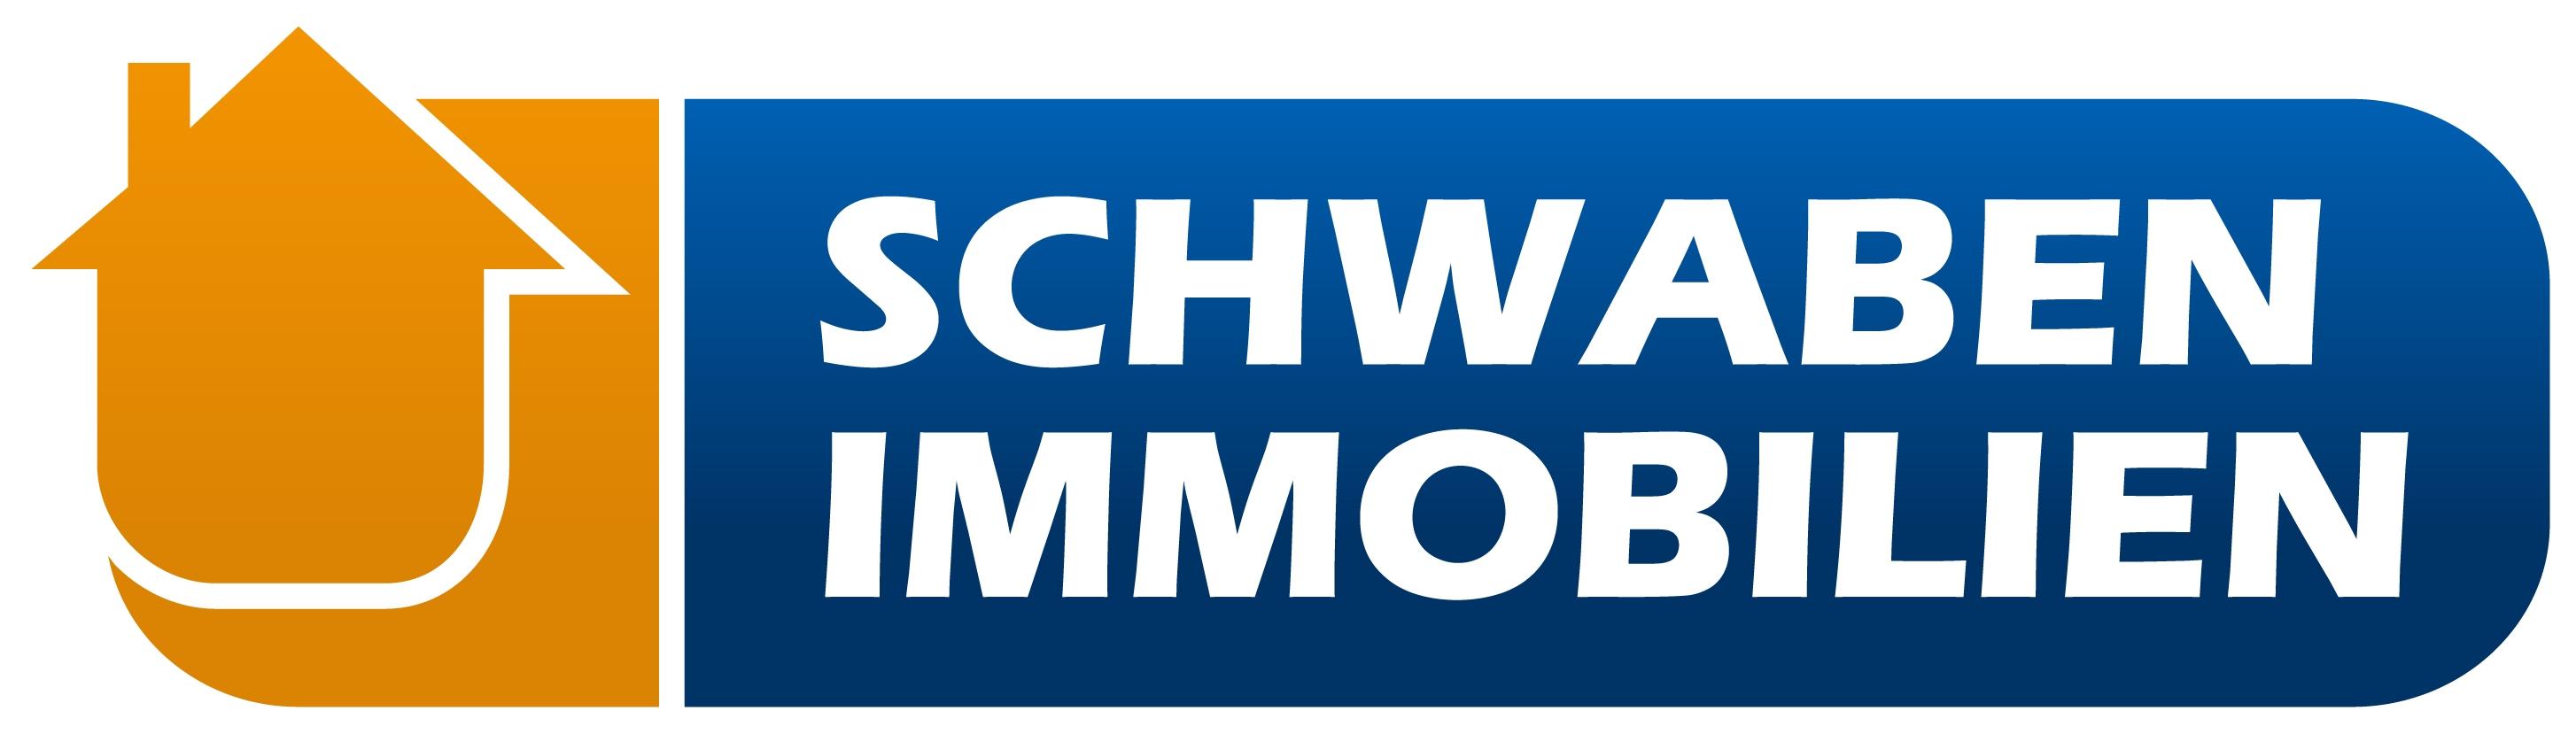 Hier sehen Sie das Logo von SCHWABEN IMMOBILIEN